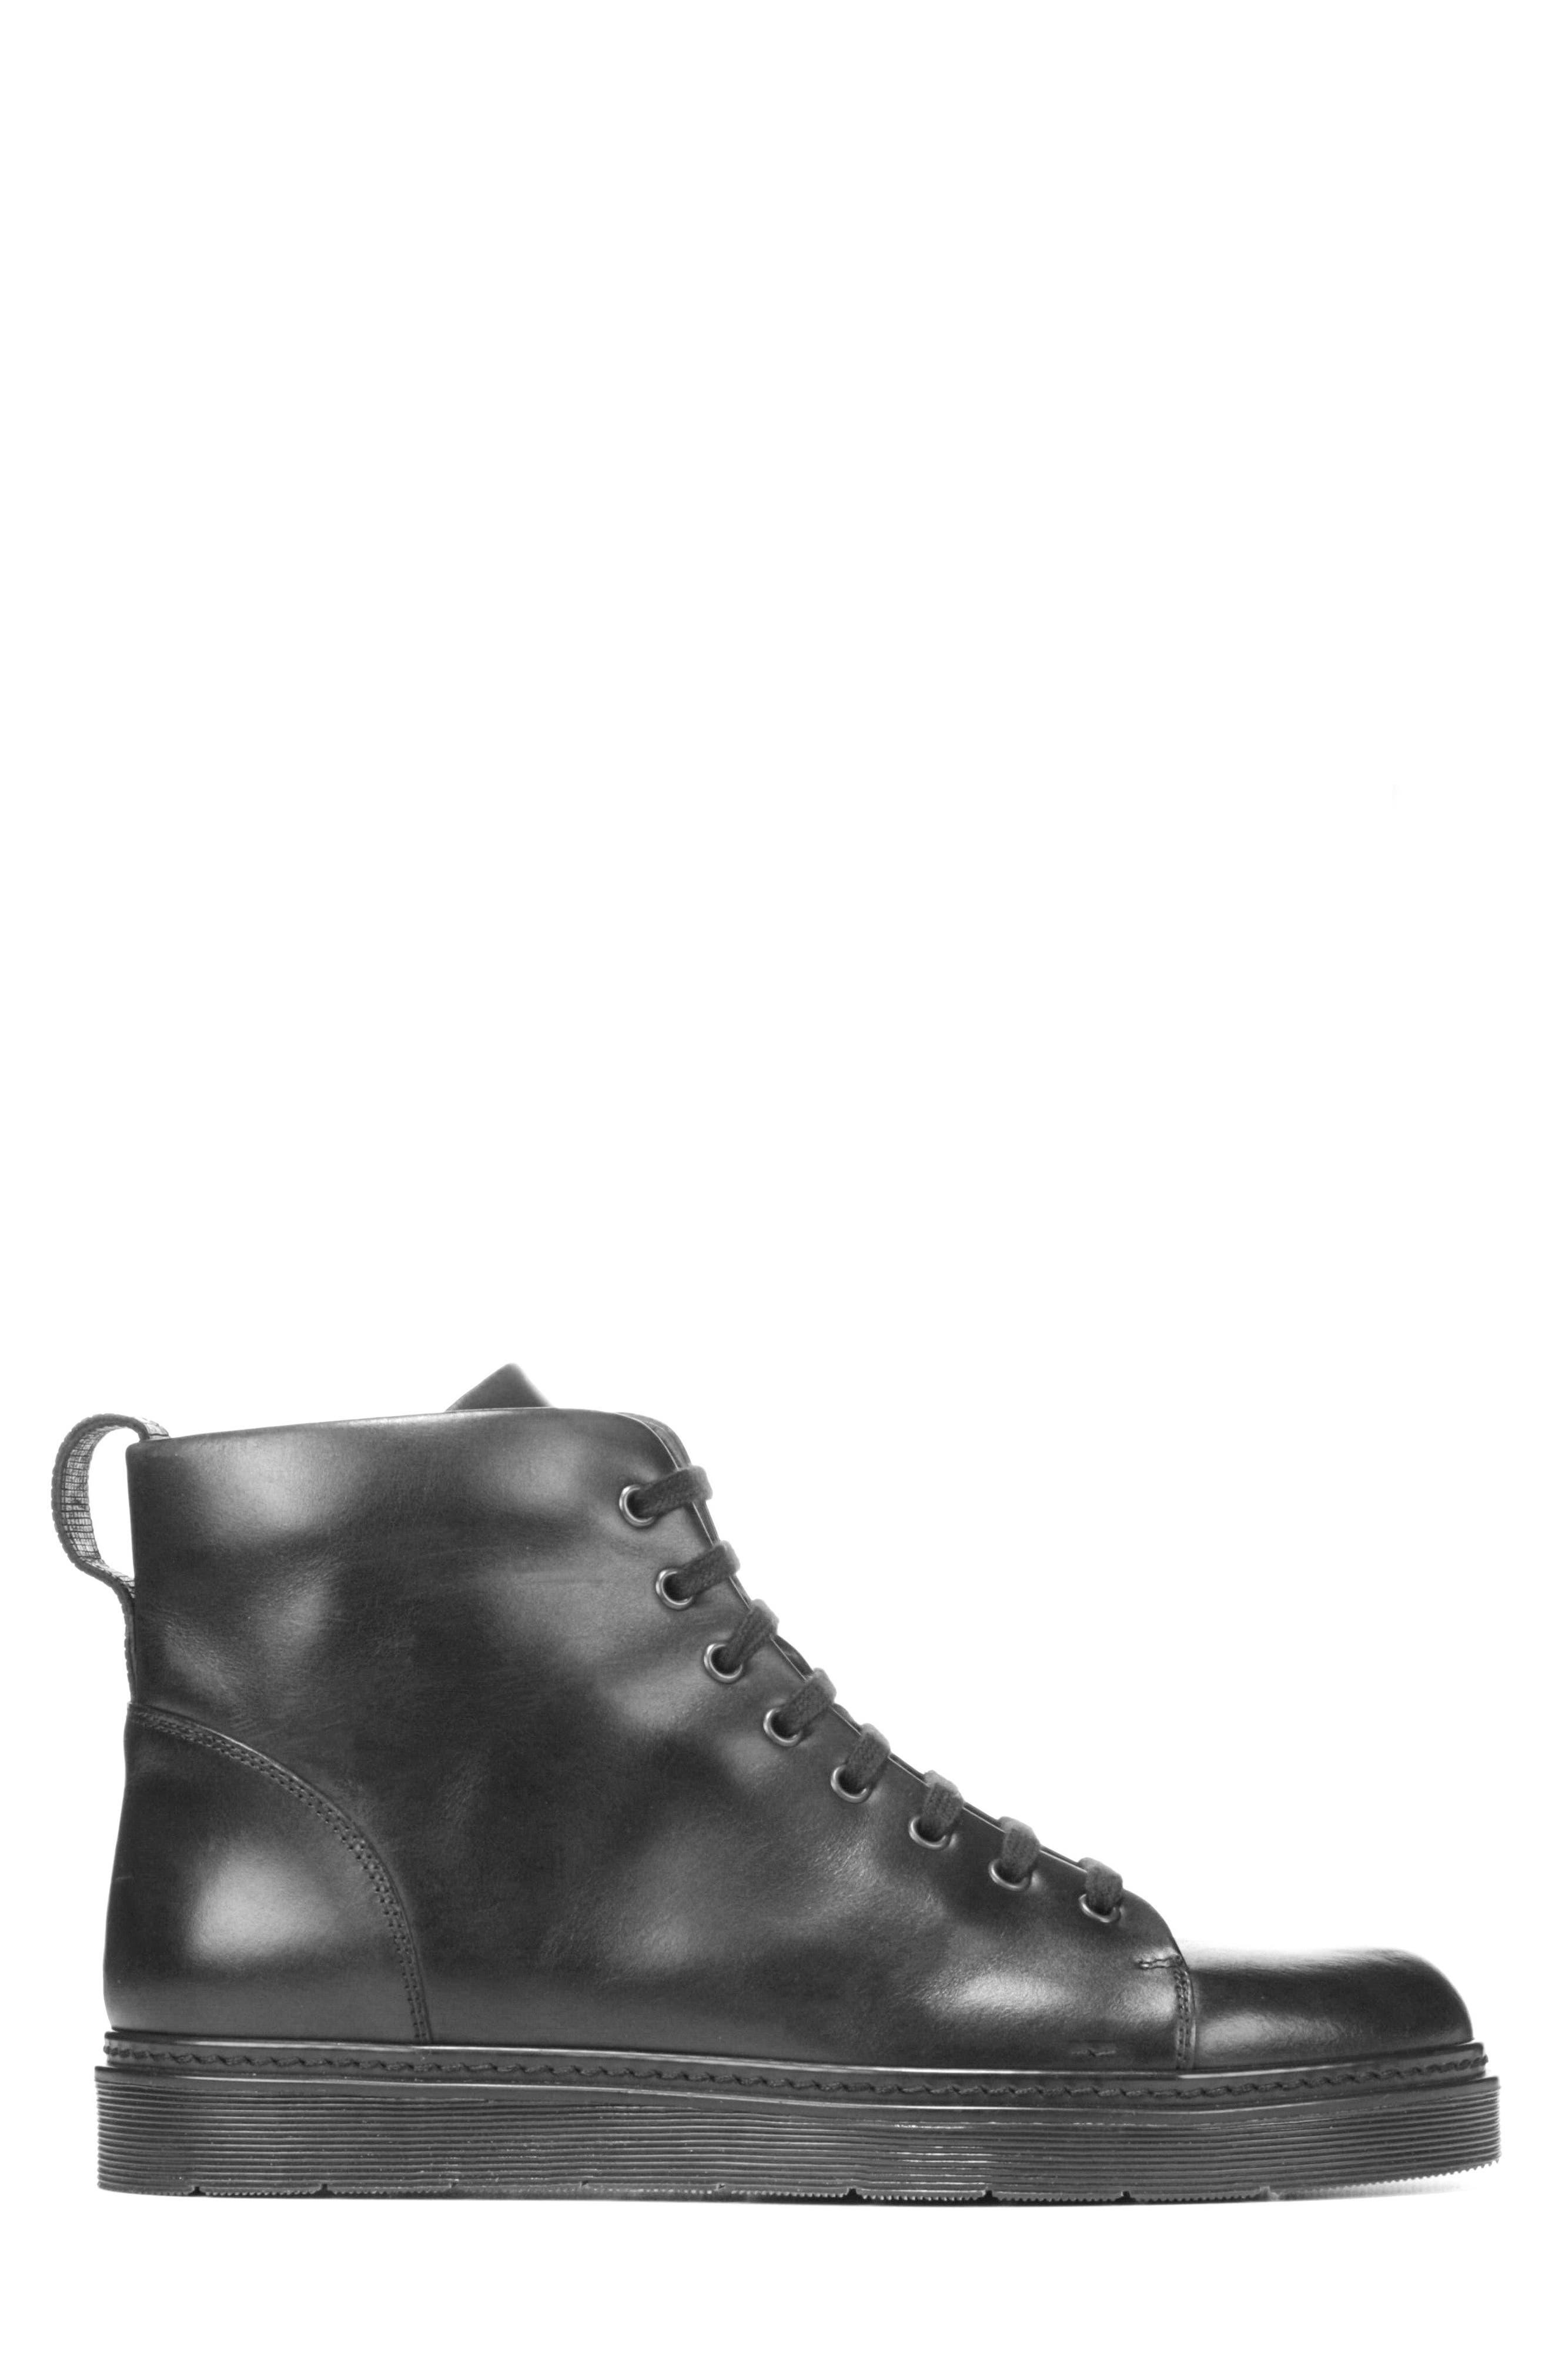 Malone Plain Toe Boot,                             Alternate thumbnail 3, color,                             001